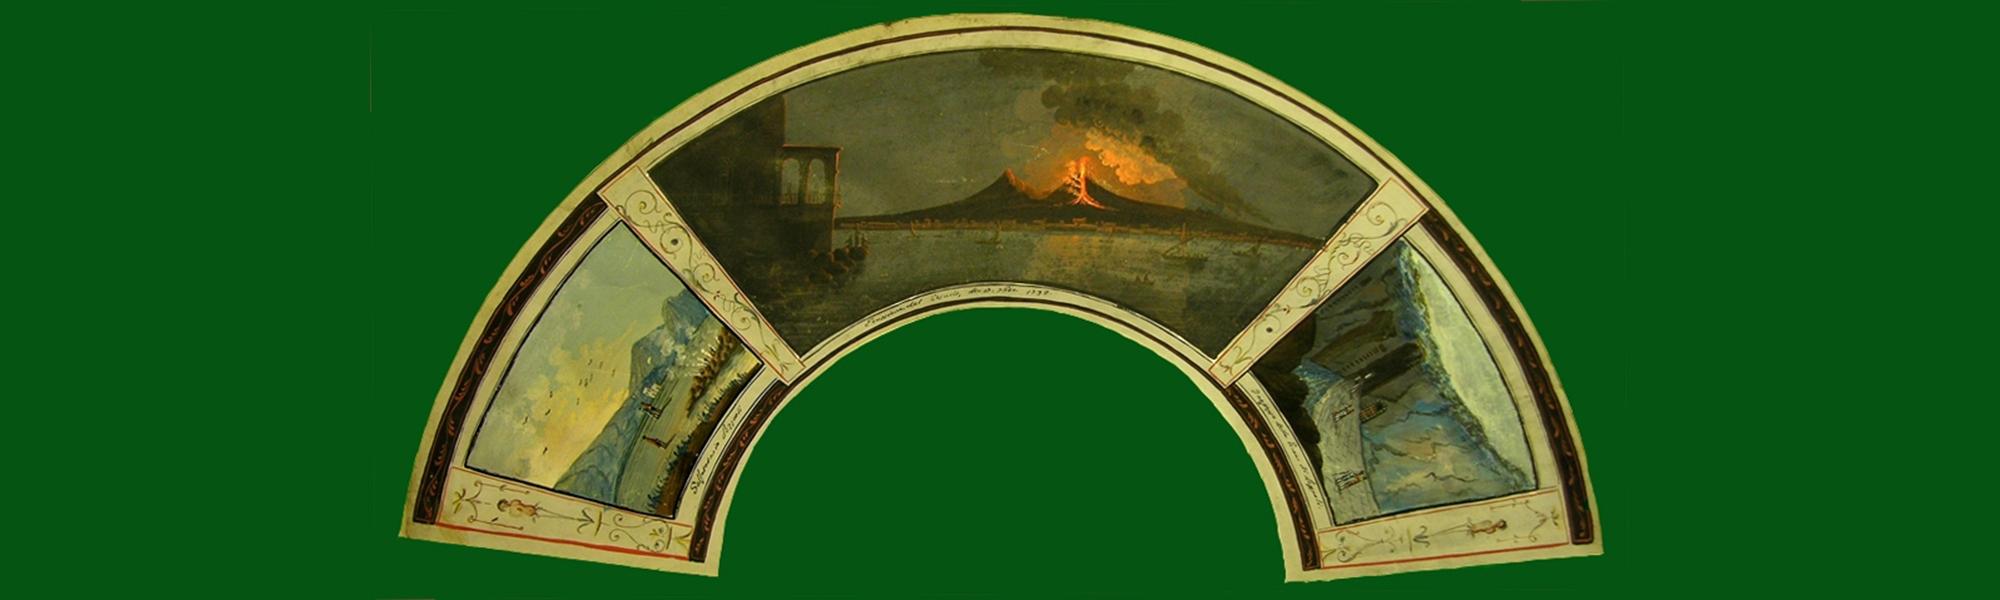 Vesuvio eruzione 17 ottobre 1792-Solfatara di Pozzuoli-Grotta di Pozzuoli